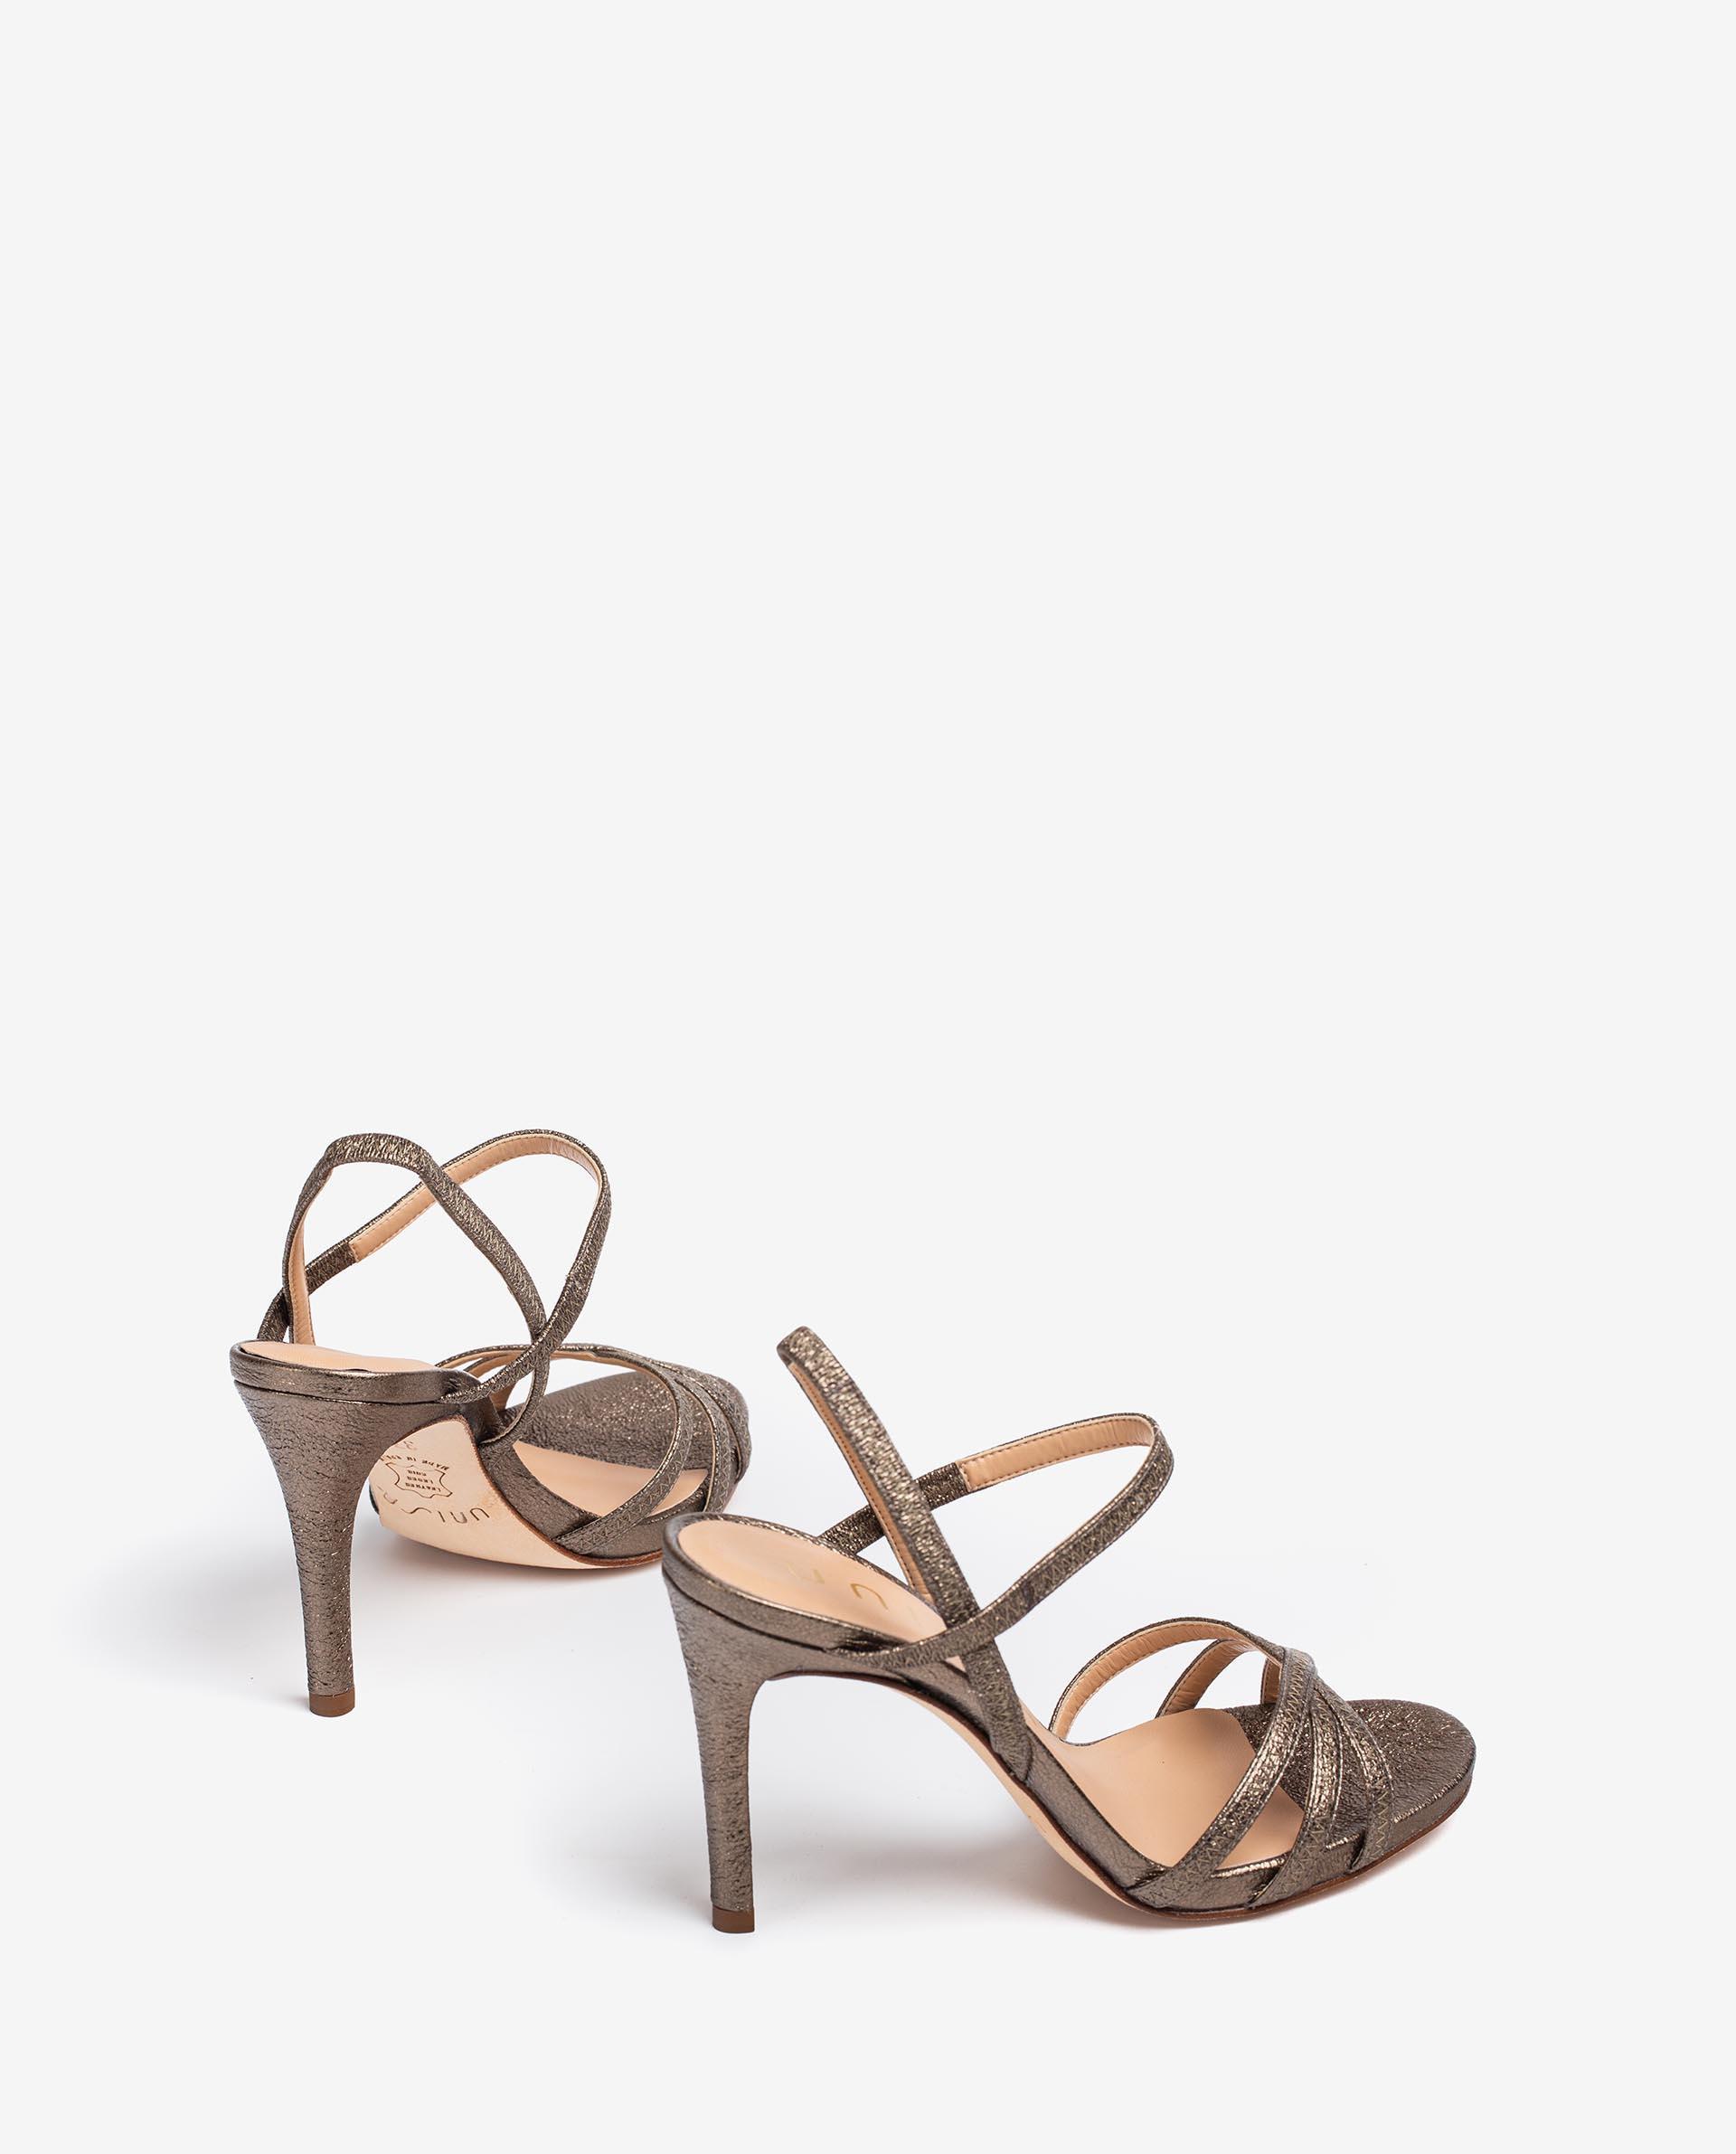 UNISA Sandaletten aus glänzendem Leder mit hohem Absatz YAMALI_SE 5